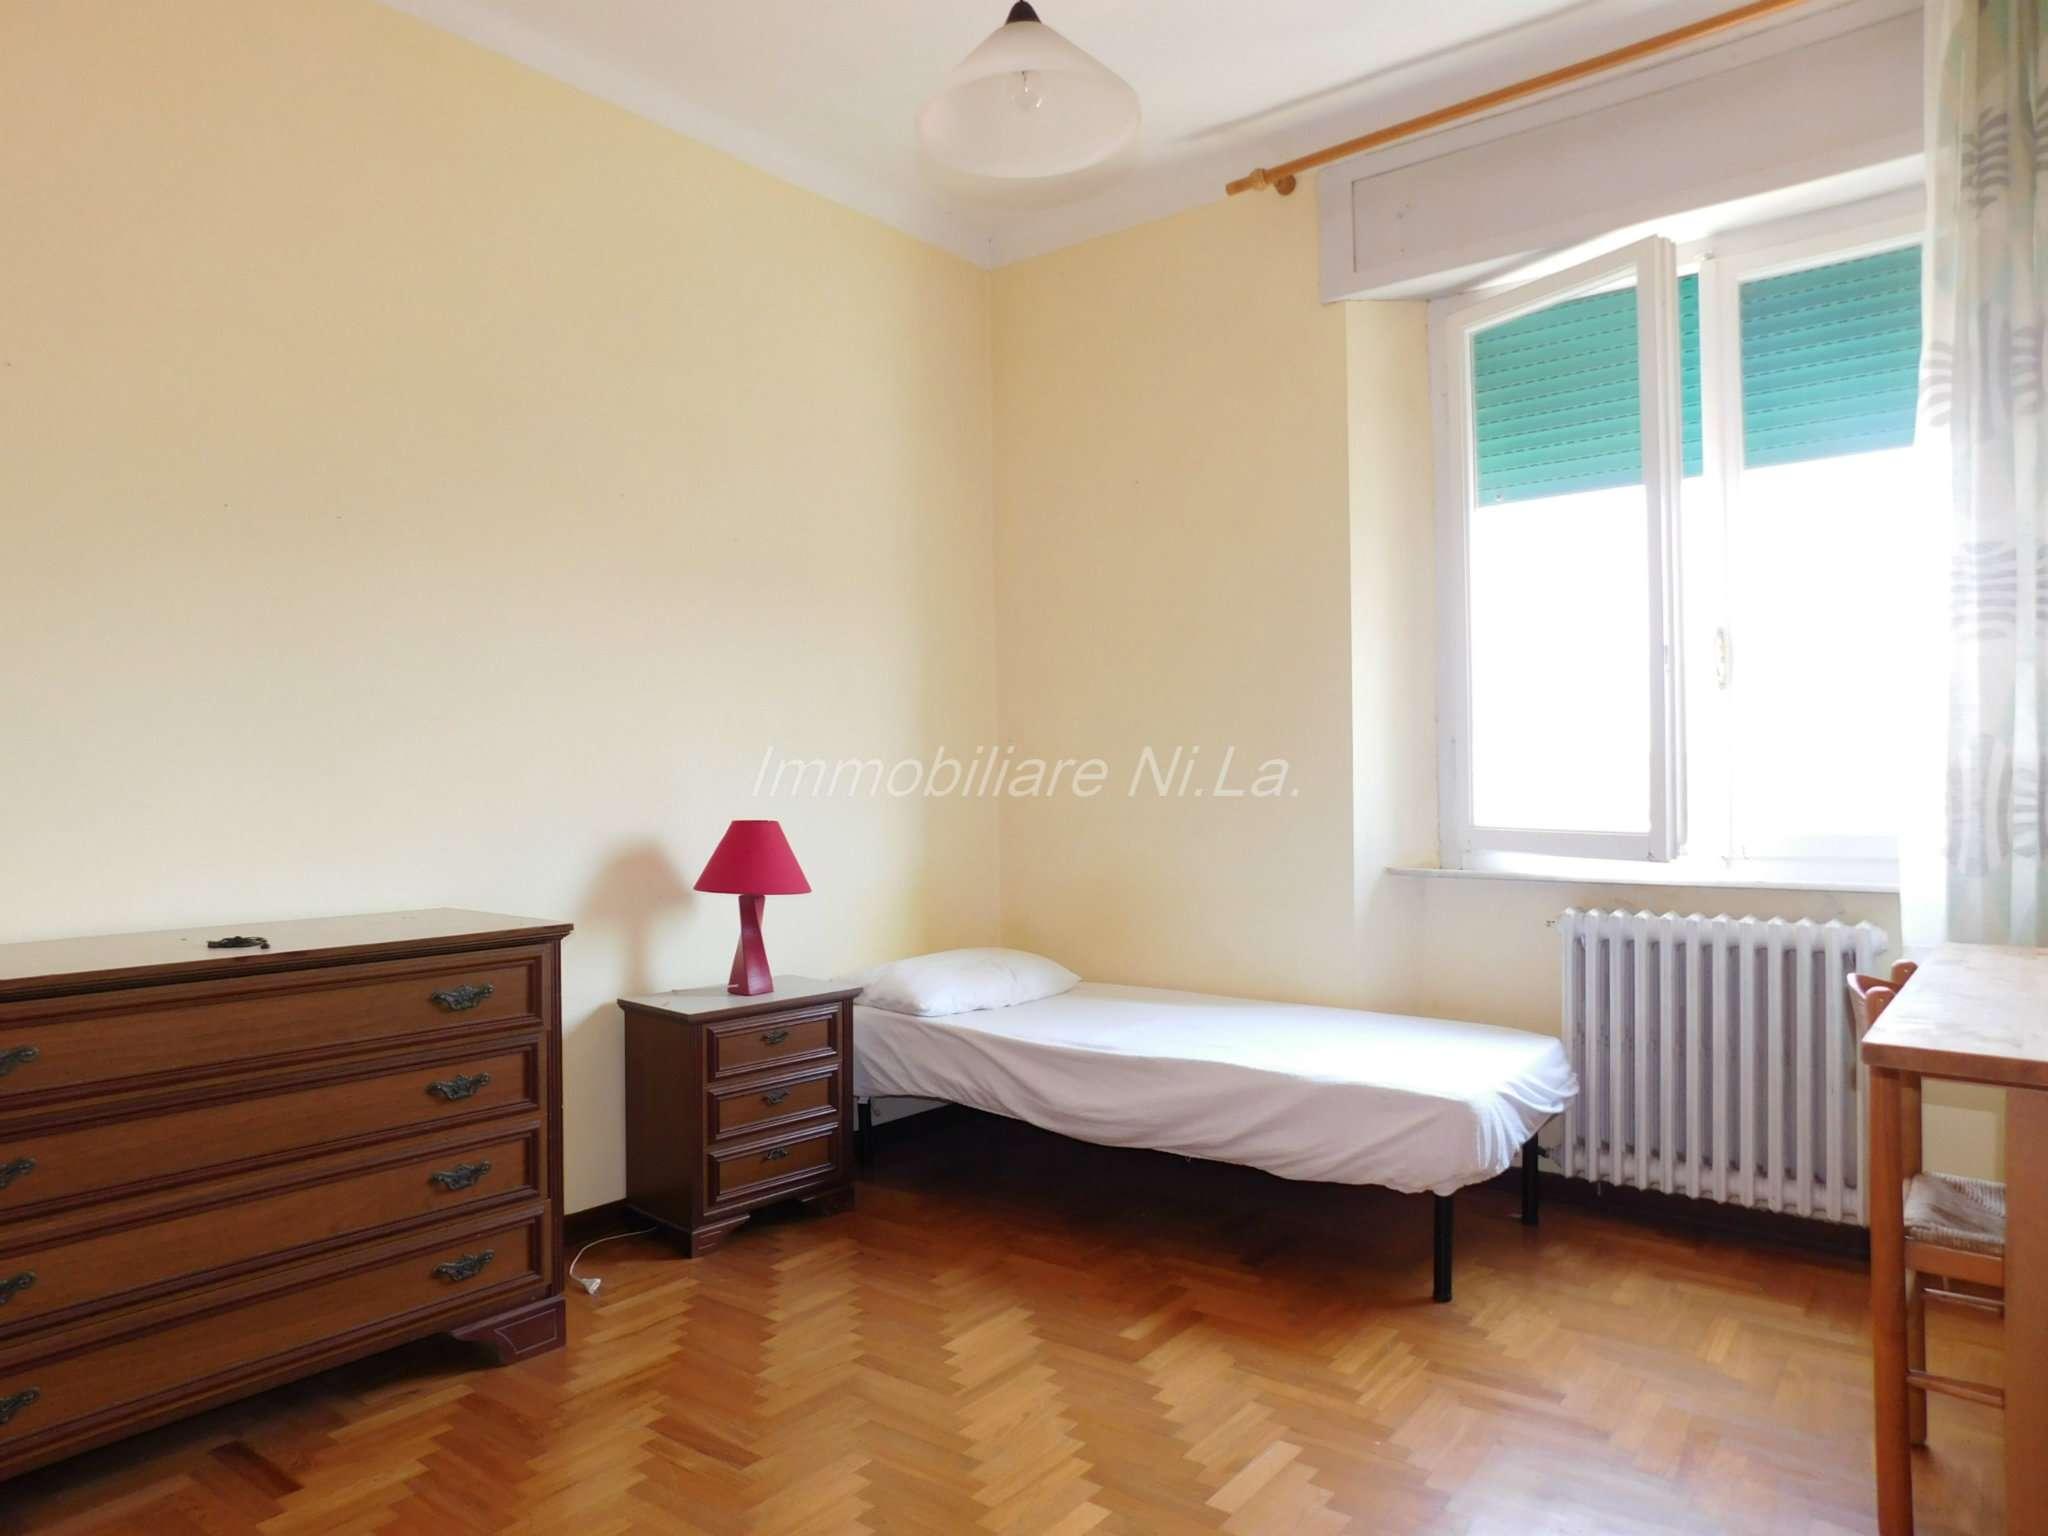 Cerchi un appartamento completamente arredato e vicino ai poli universitari di Via Bonanno?